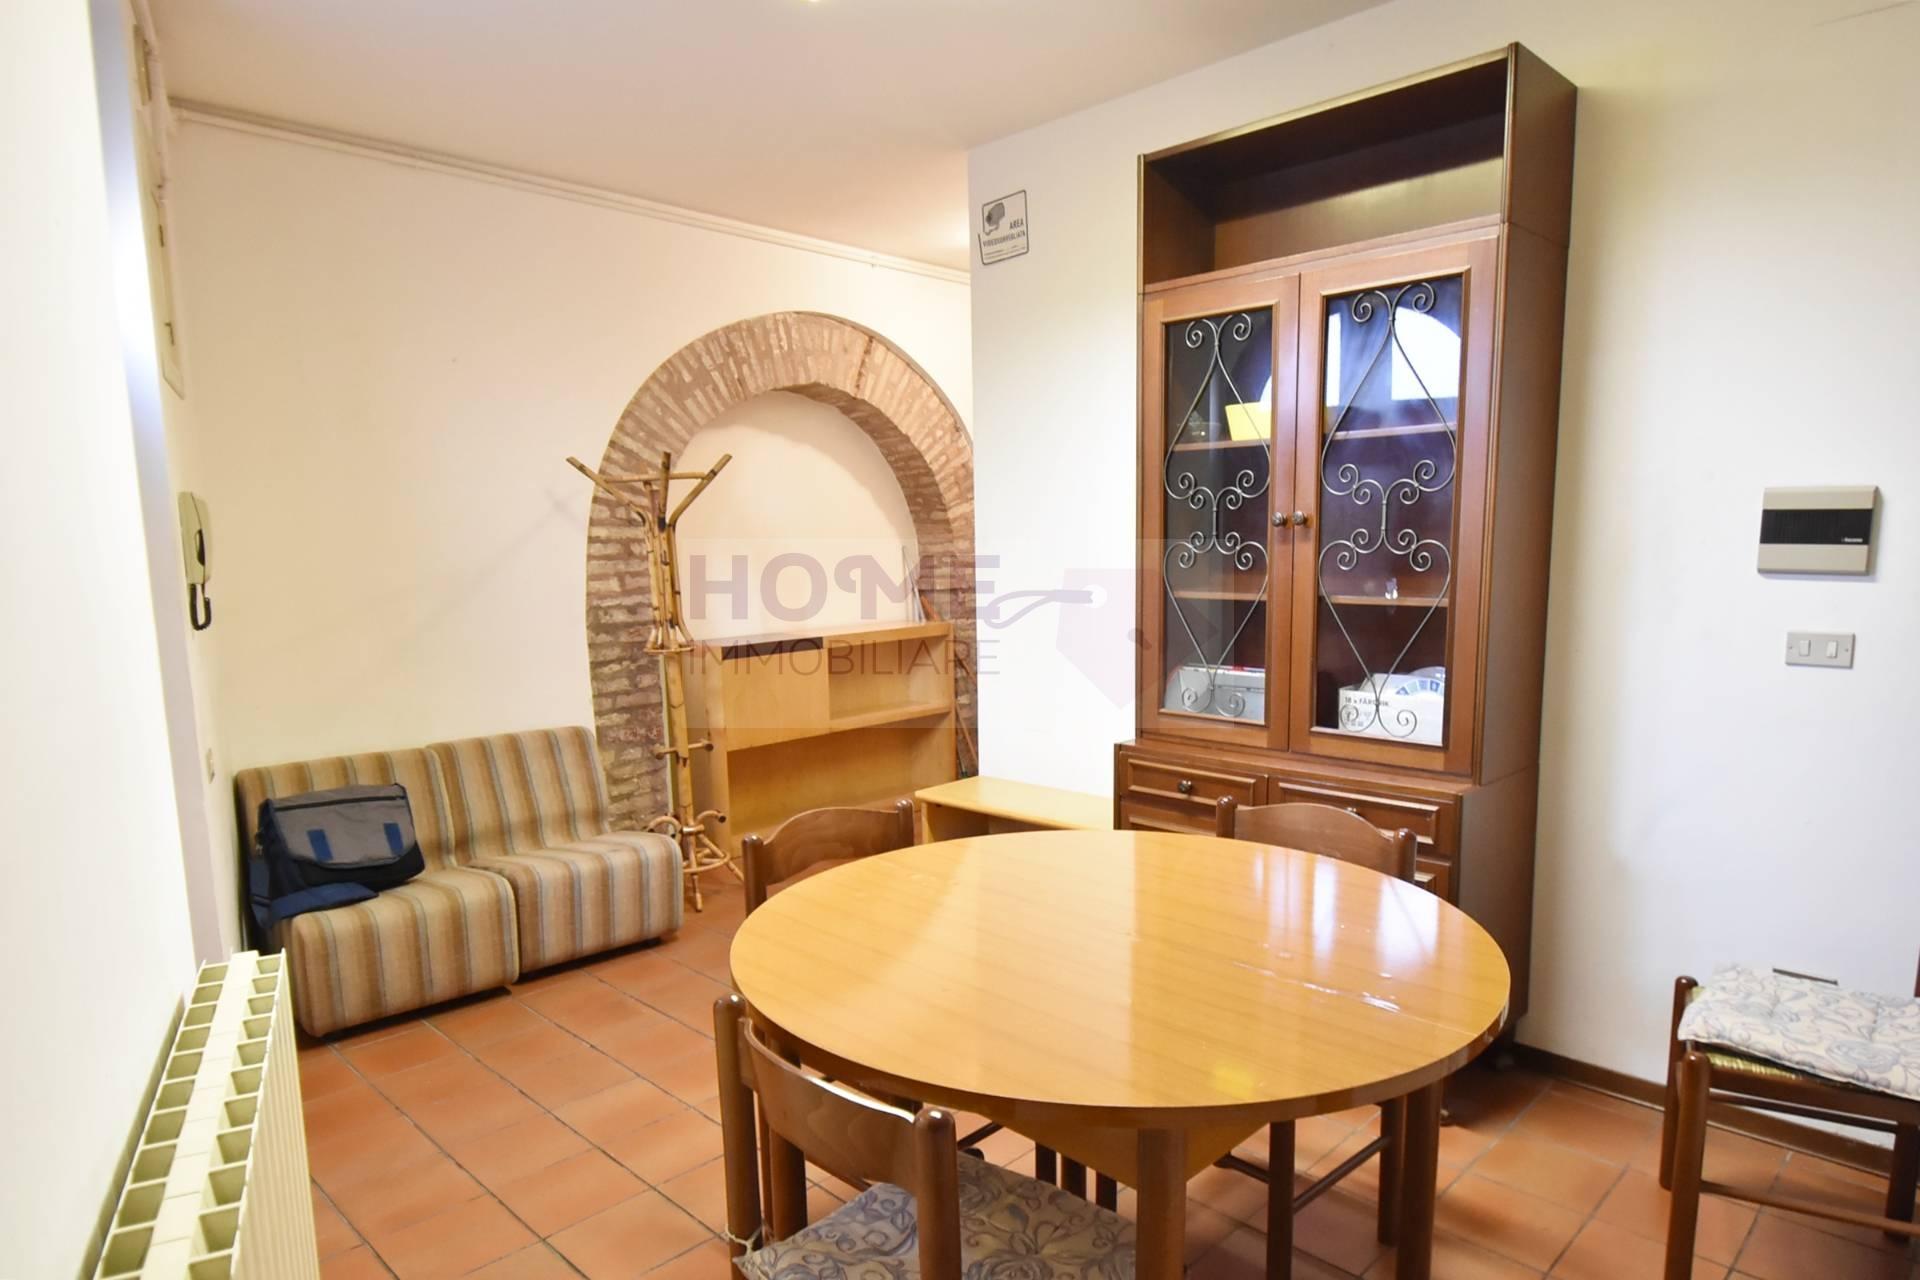 Appartamento in affitto a Macerata, 5 locali, zona Località: Centrostorico, prezzo € 380 | Cambio Casa.it